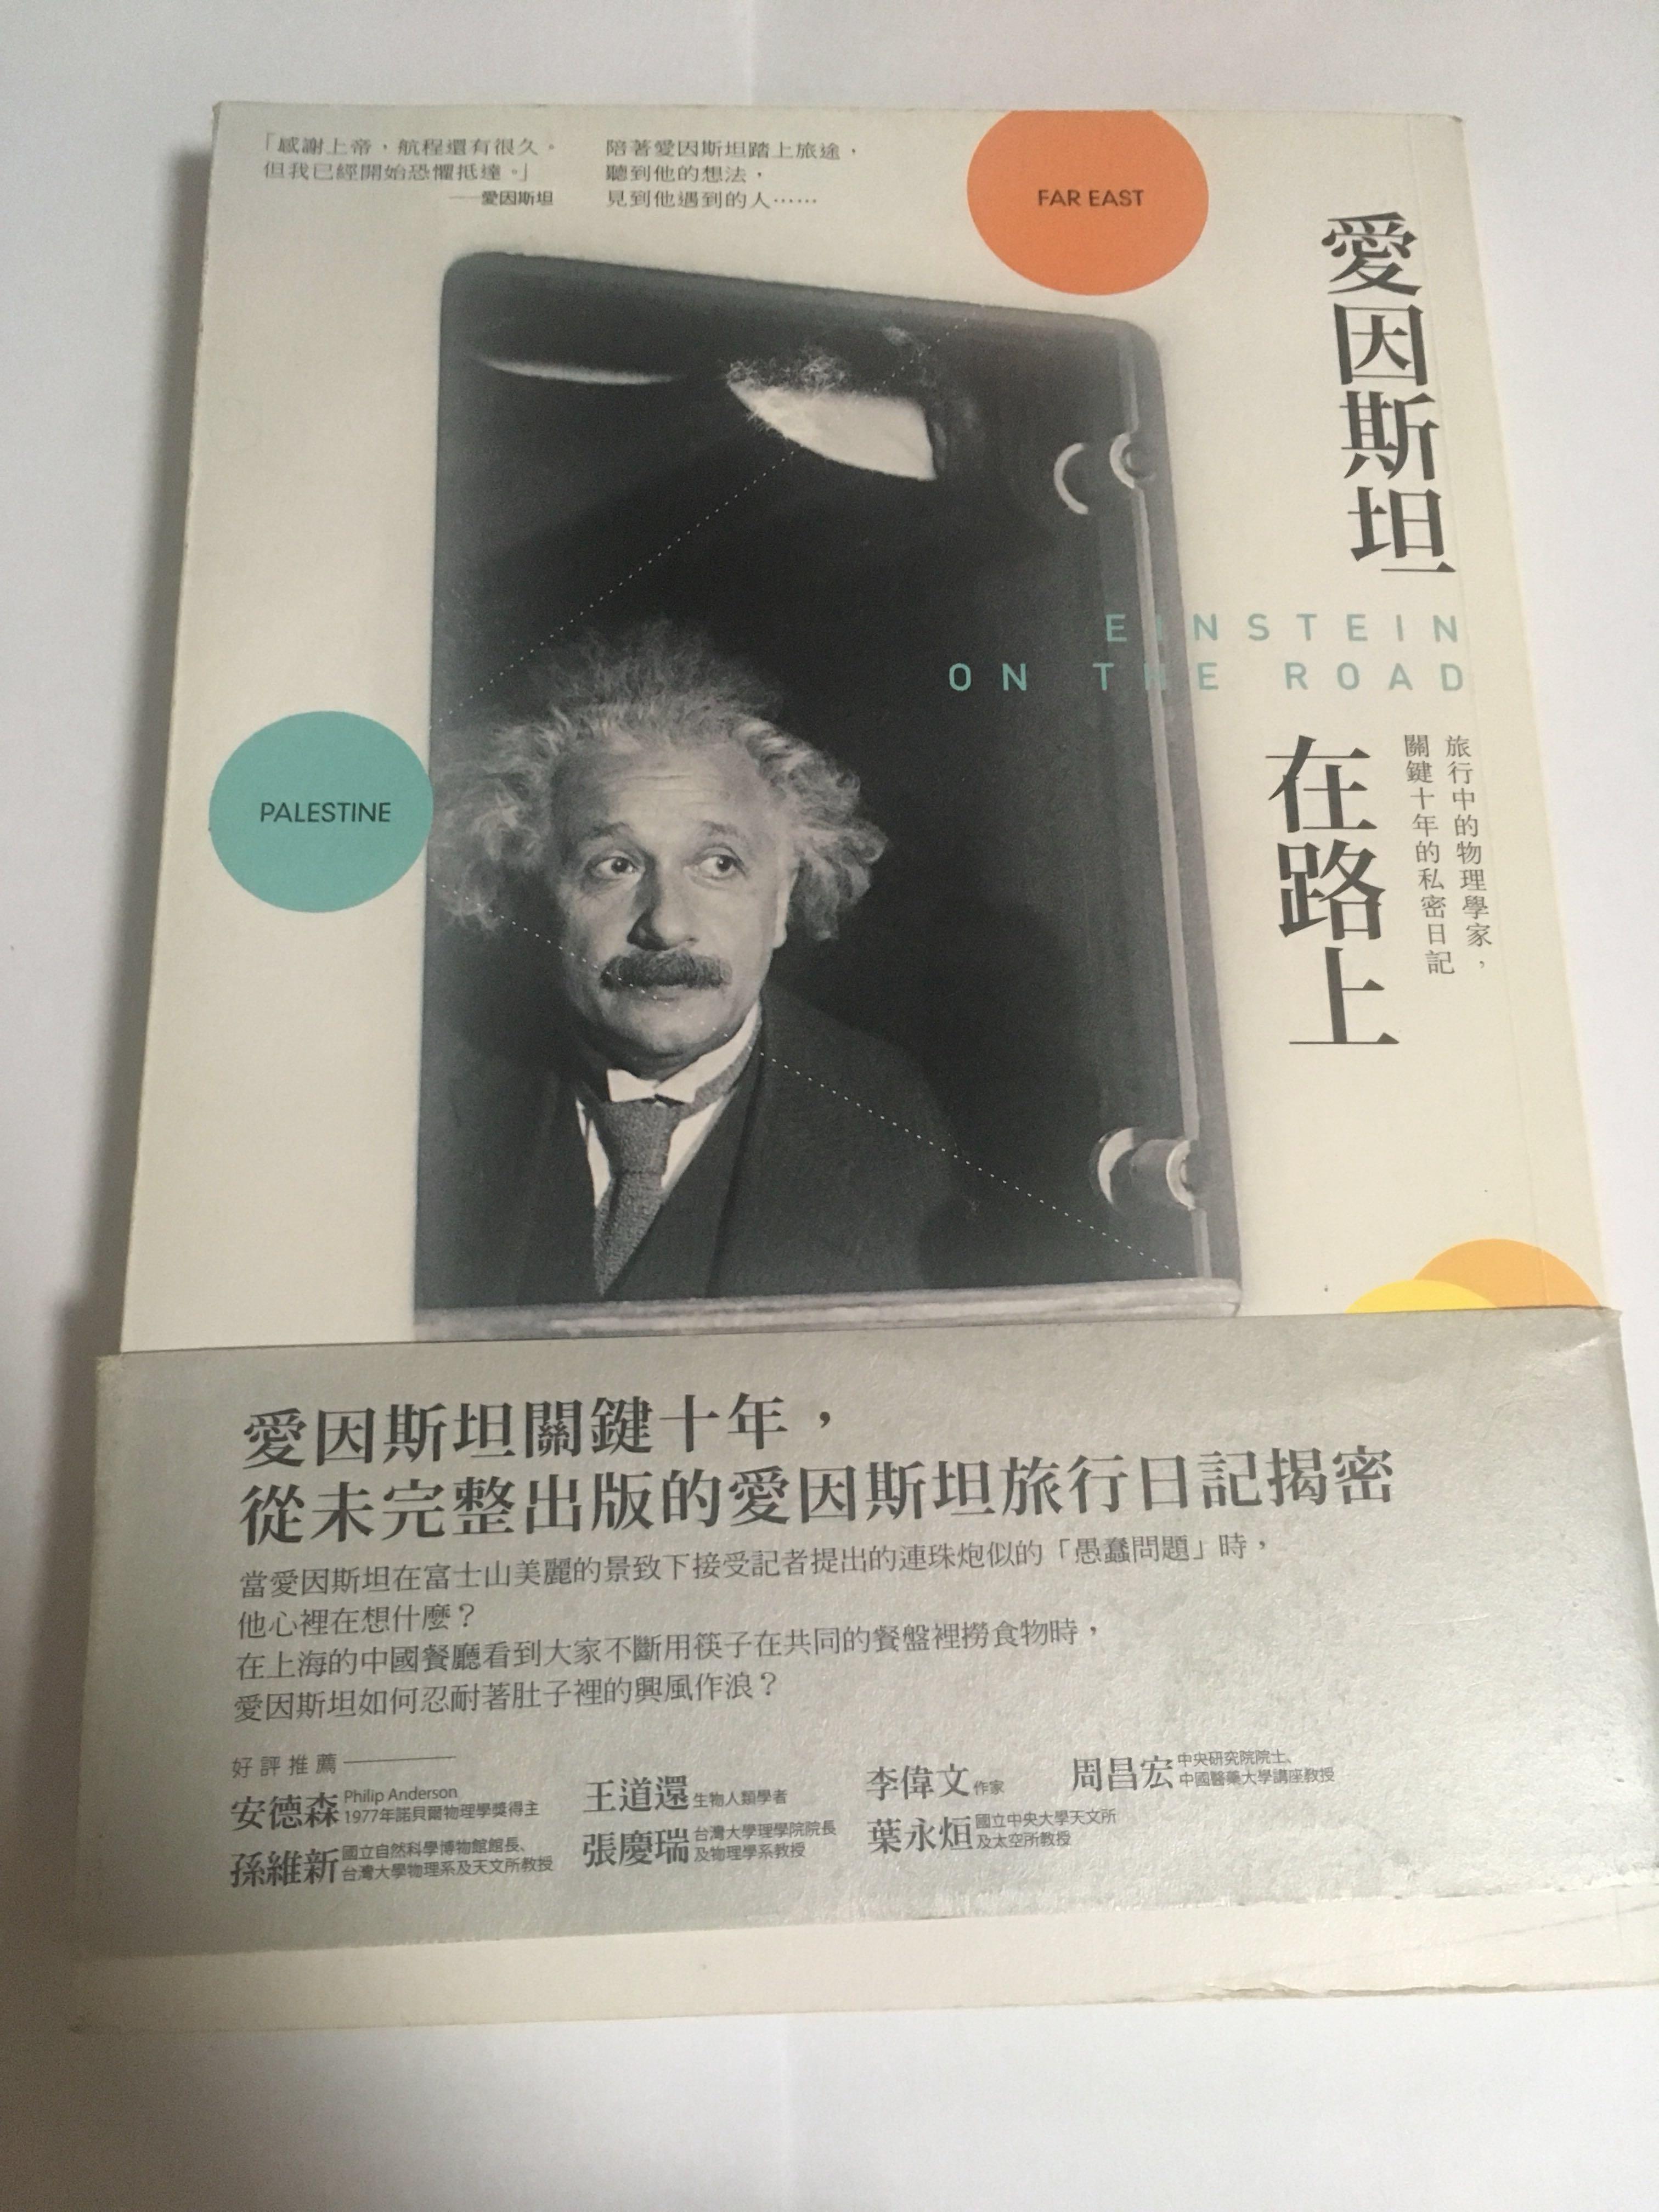 愛因斯坦在路上